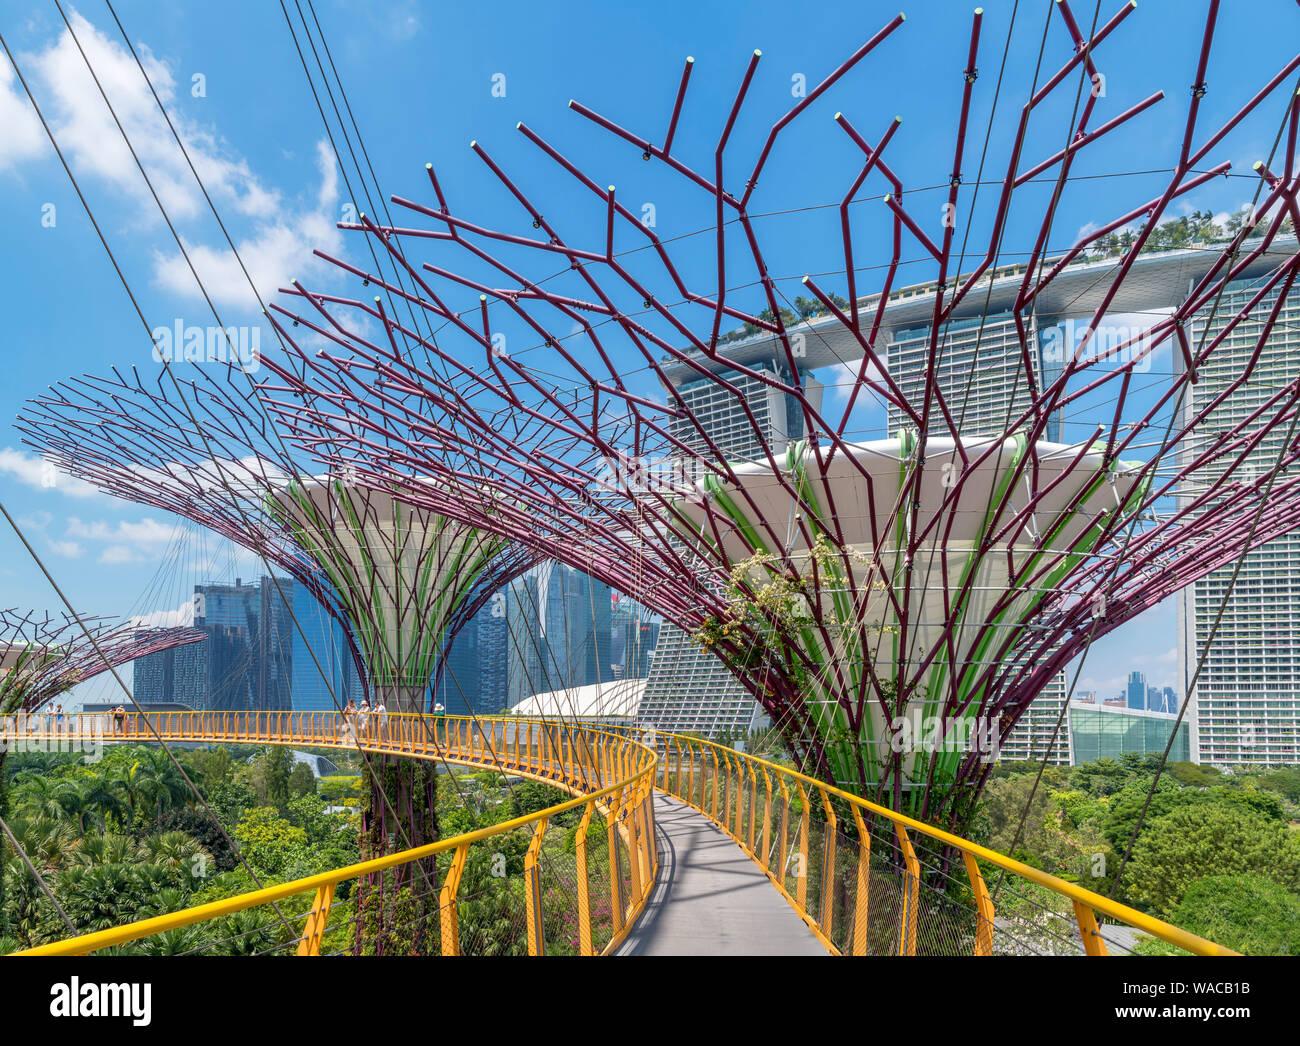 L'OCBC Skyway, une passerelle aérienne dans l'Supertree Grove, regard vers Marina Bay Sands, jardins de la baie, la ville de Singapour, Singapour Banque D'Images